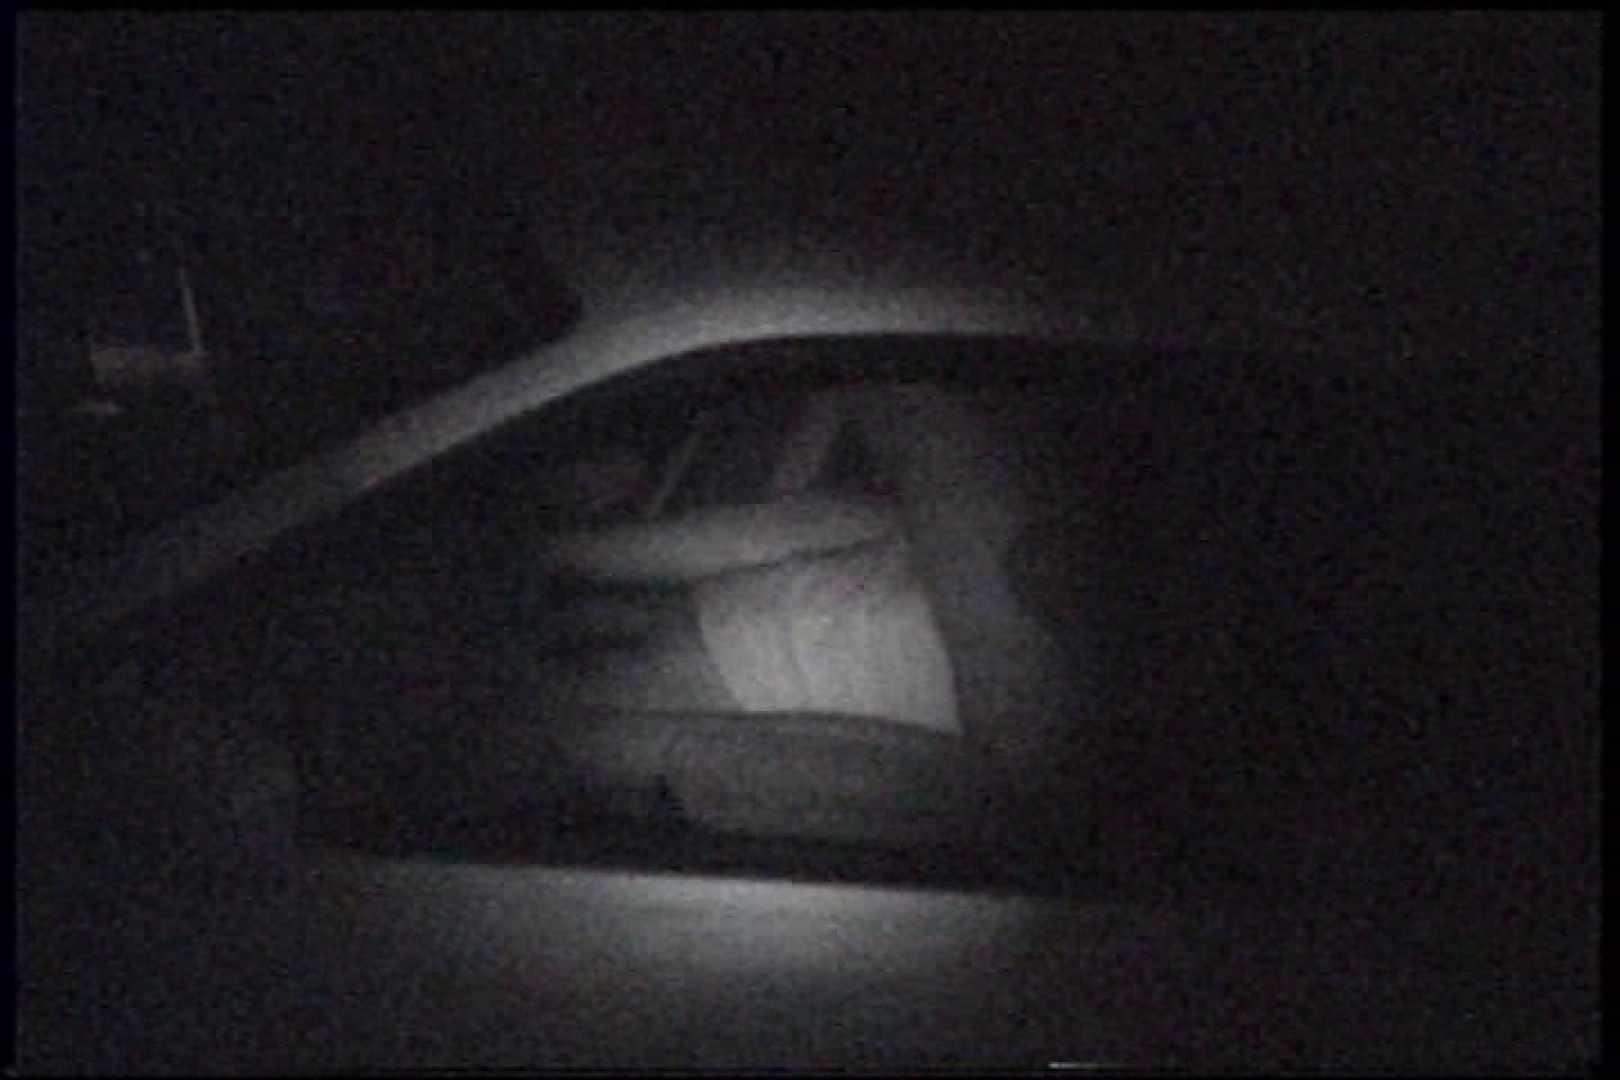 充血監督の深夜の運動会Vol.234 OLセックス | おまんこ無修正  61画像 58